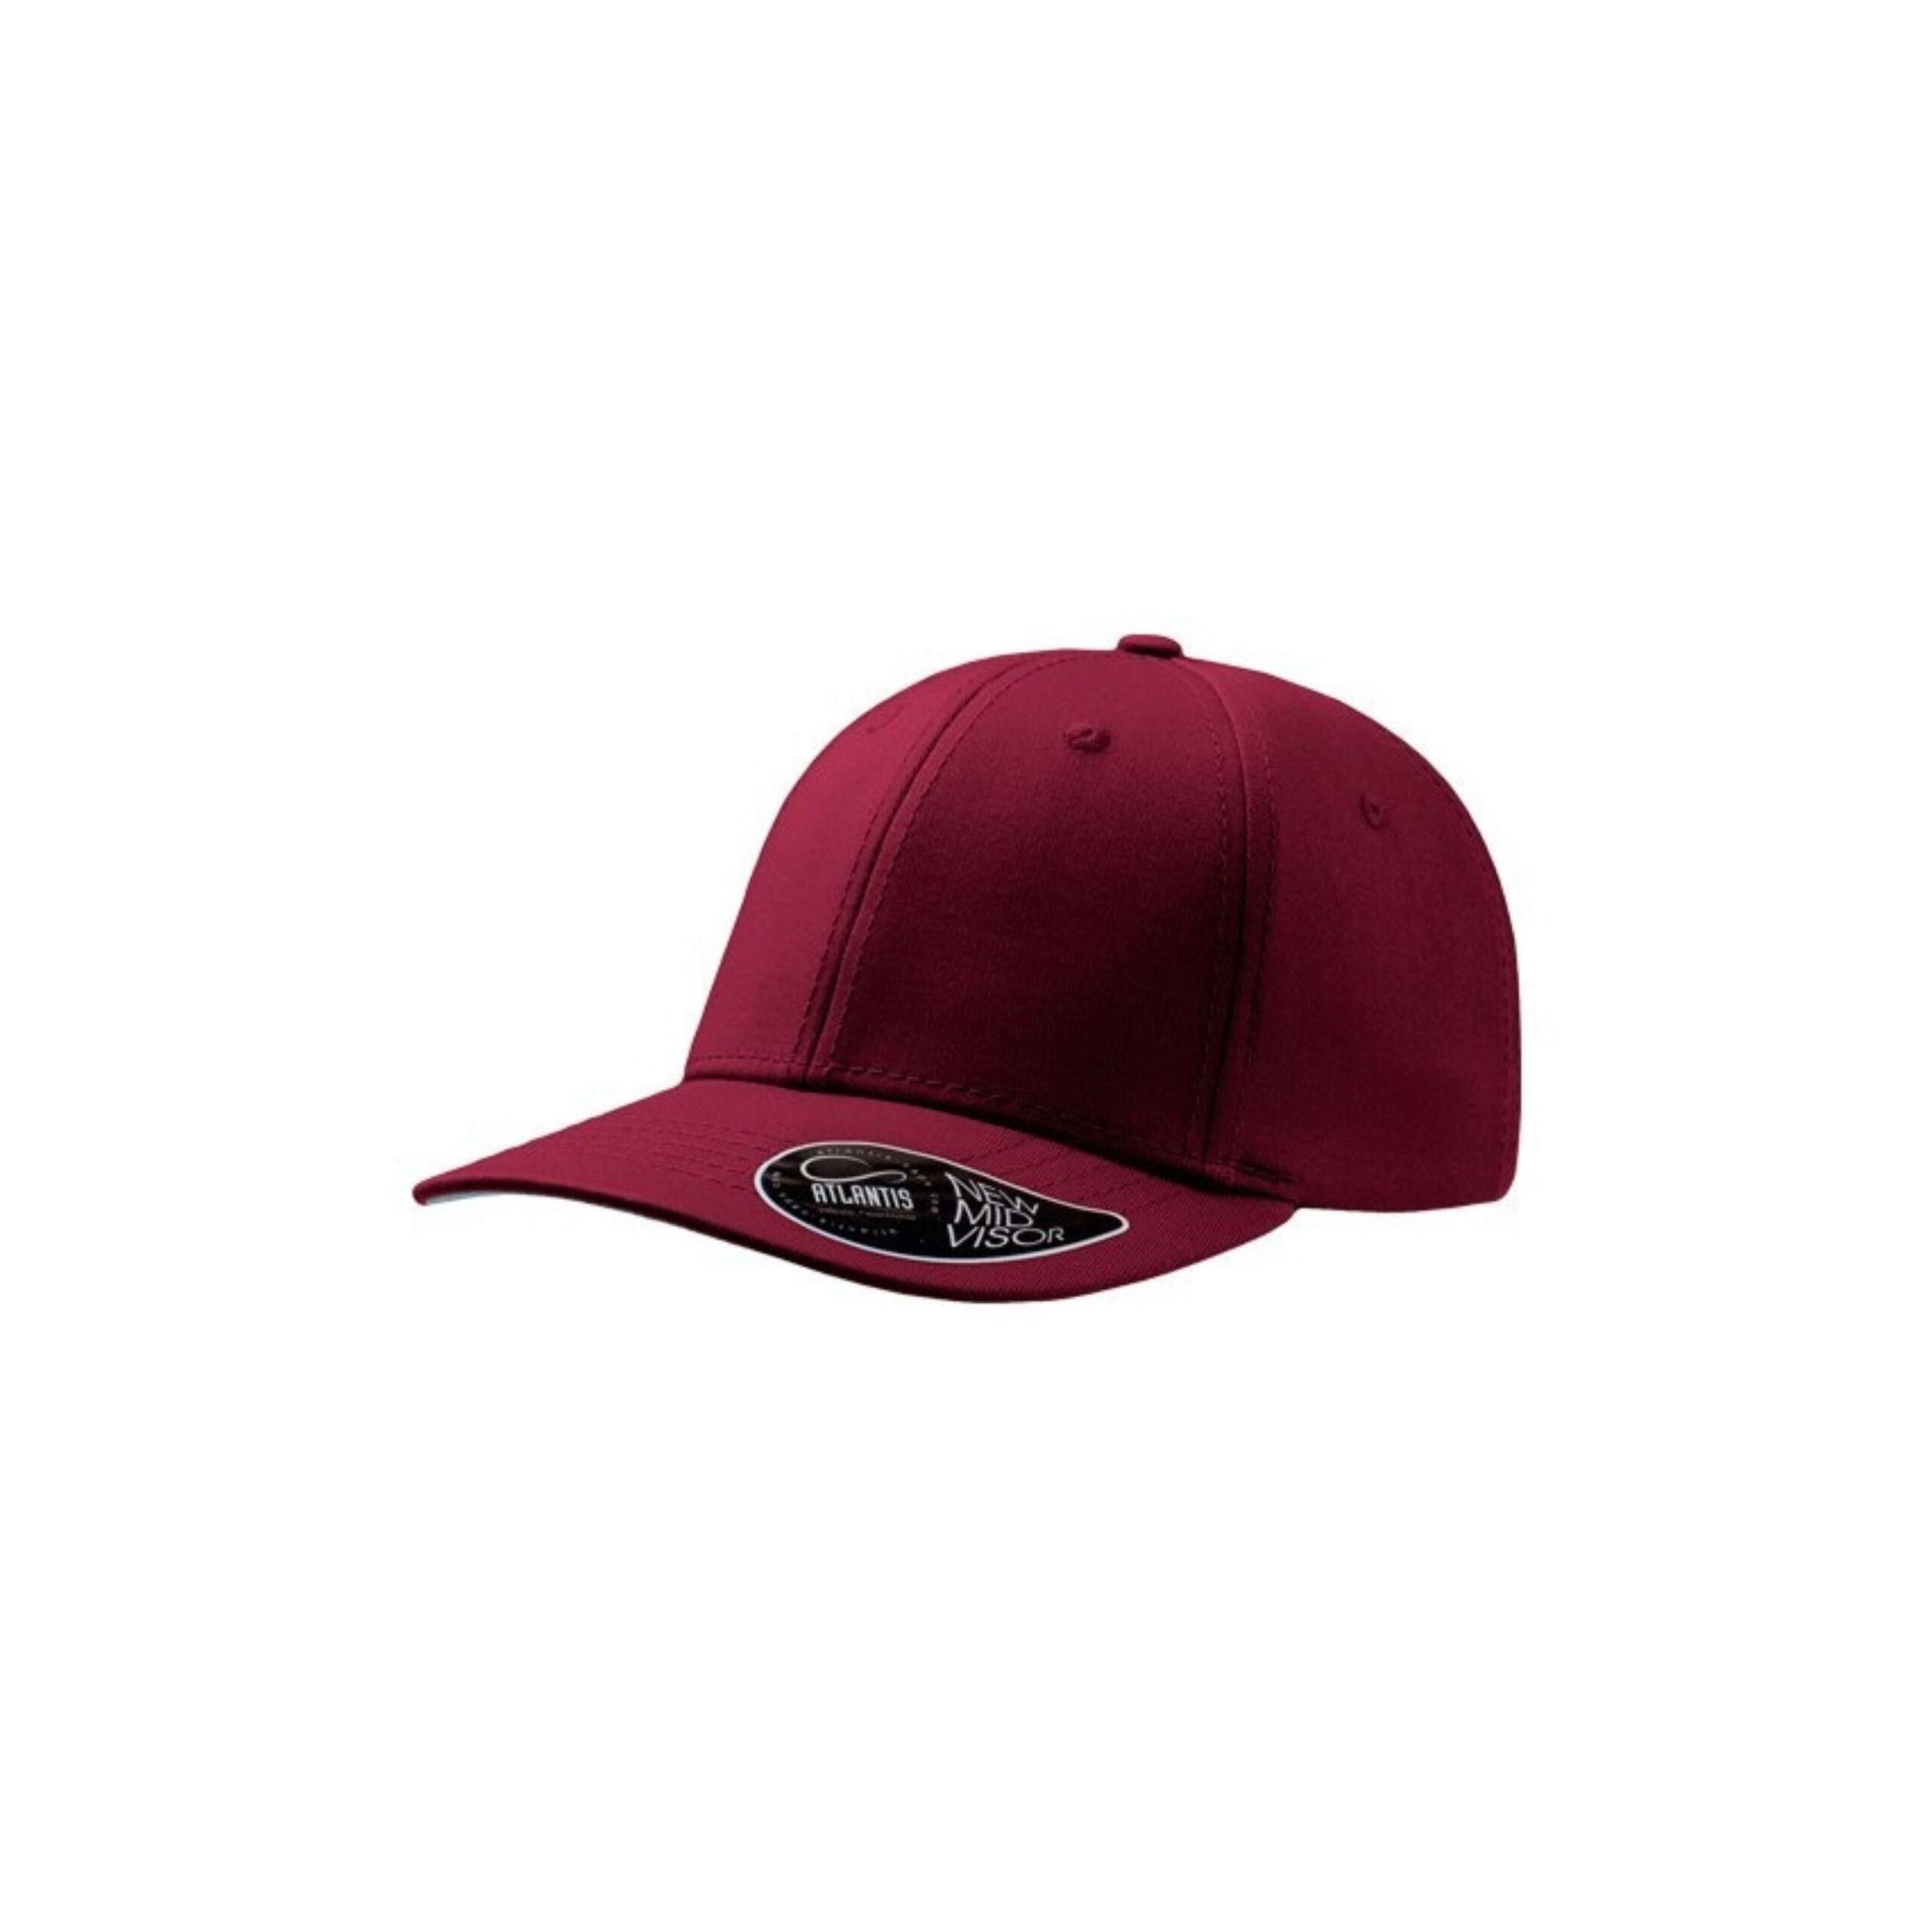 hat-atlantis-jockey-01904-1